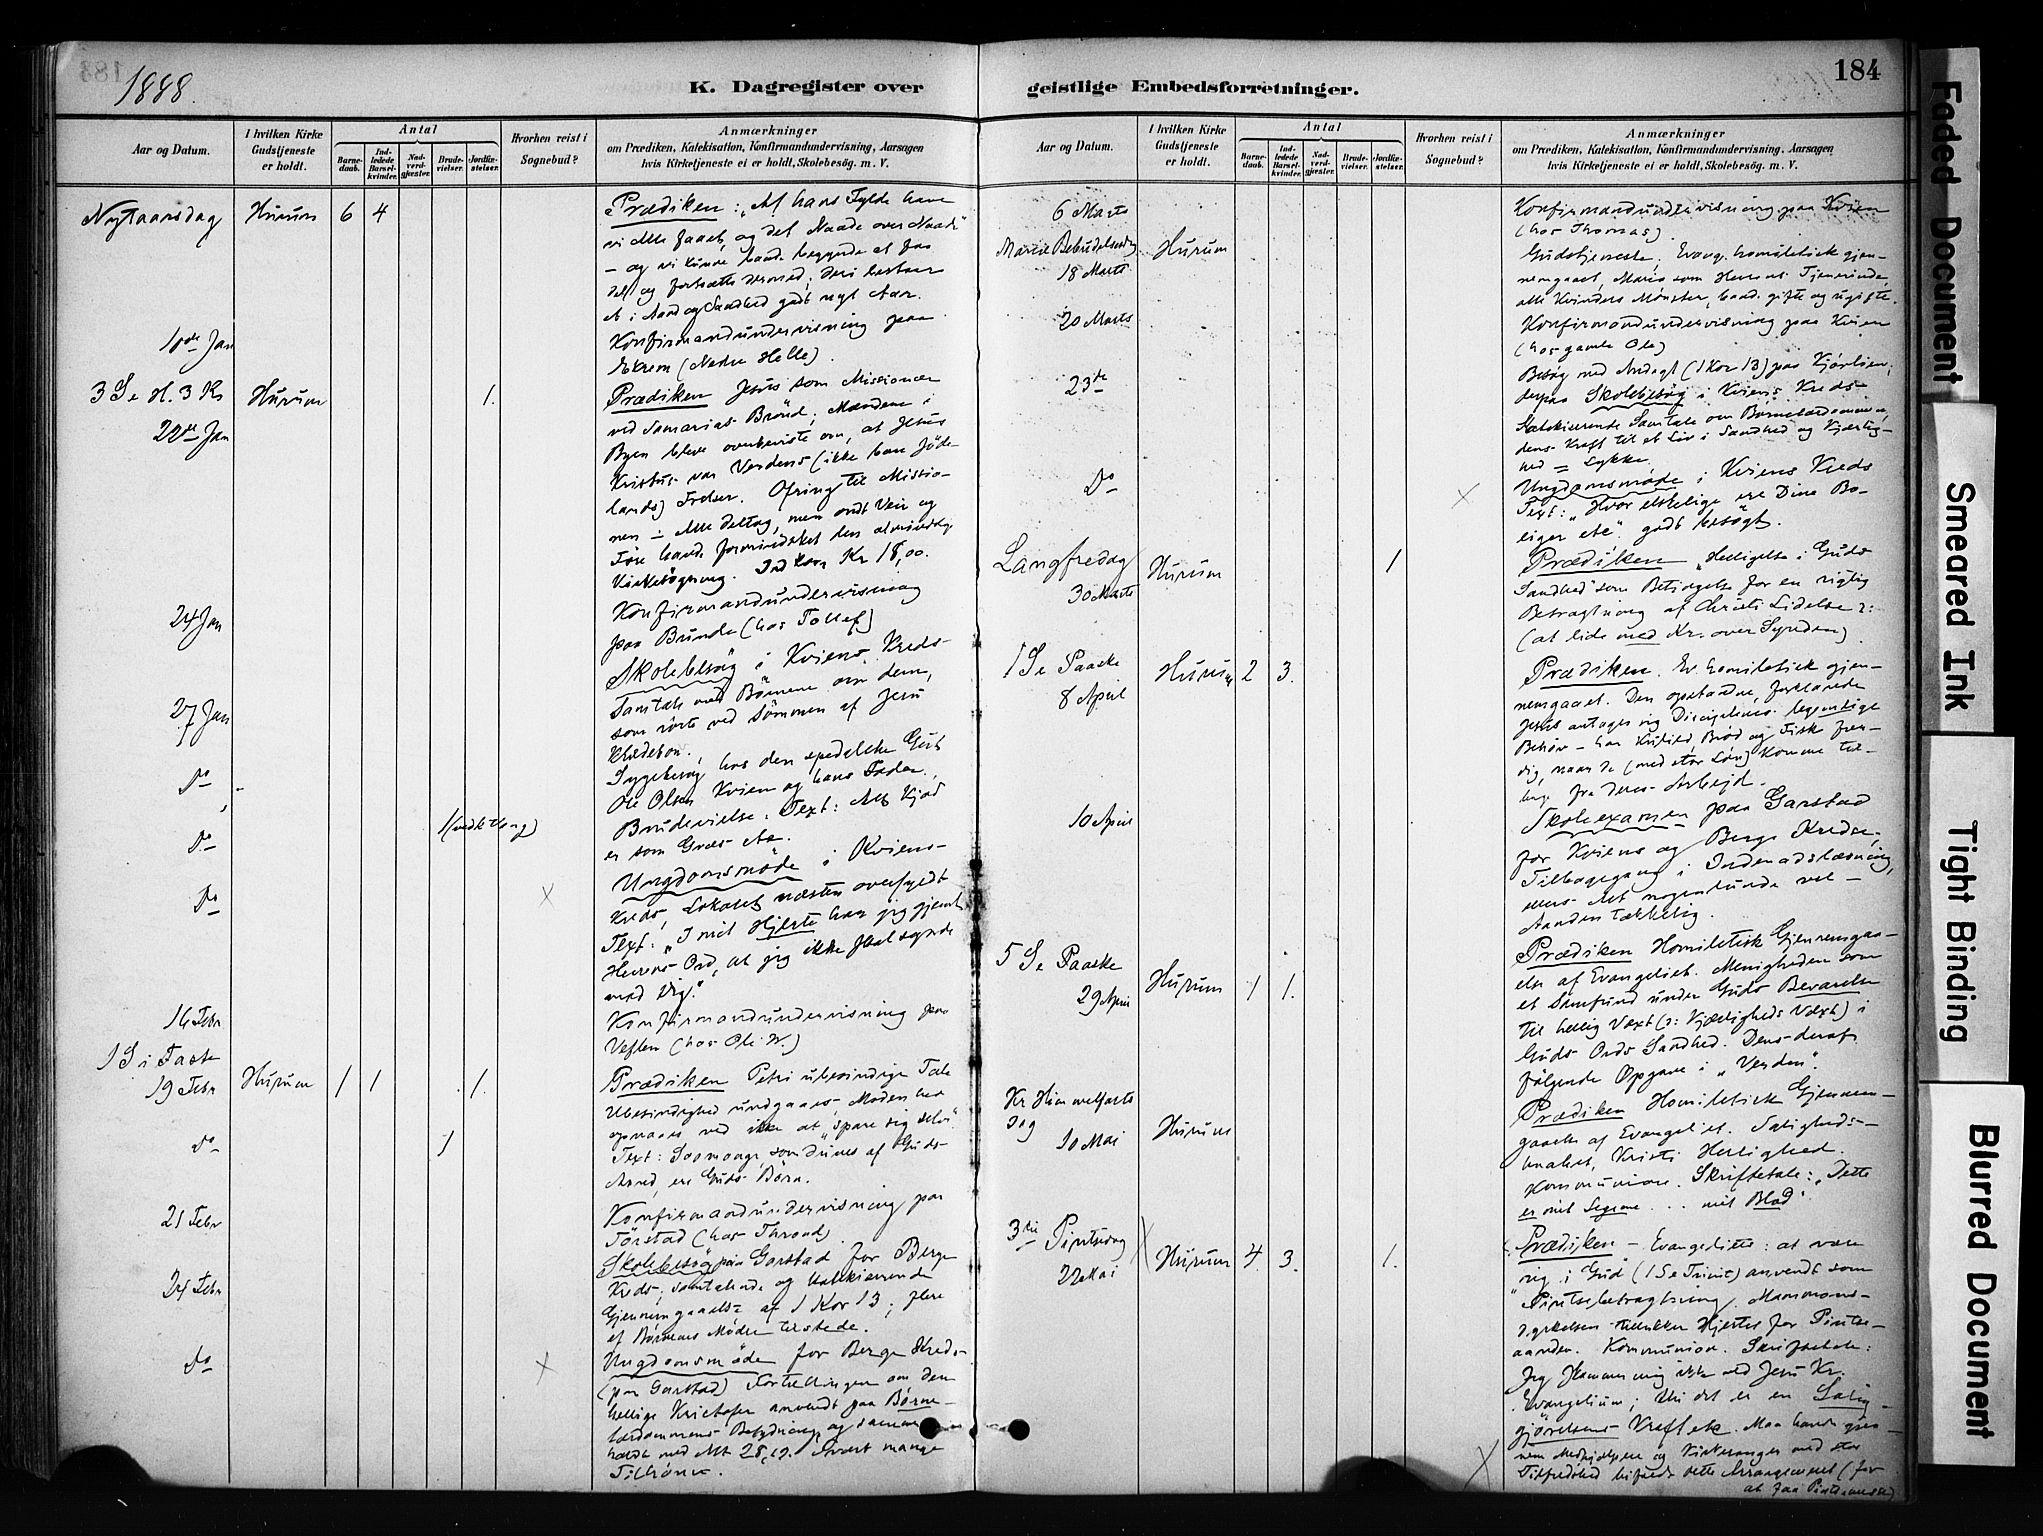 SAH, Vang prestekontor, Valdres, Ministerialbok nr. 9, 1882-1914, s. 184